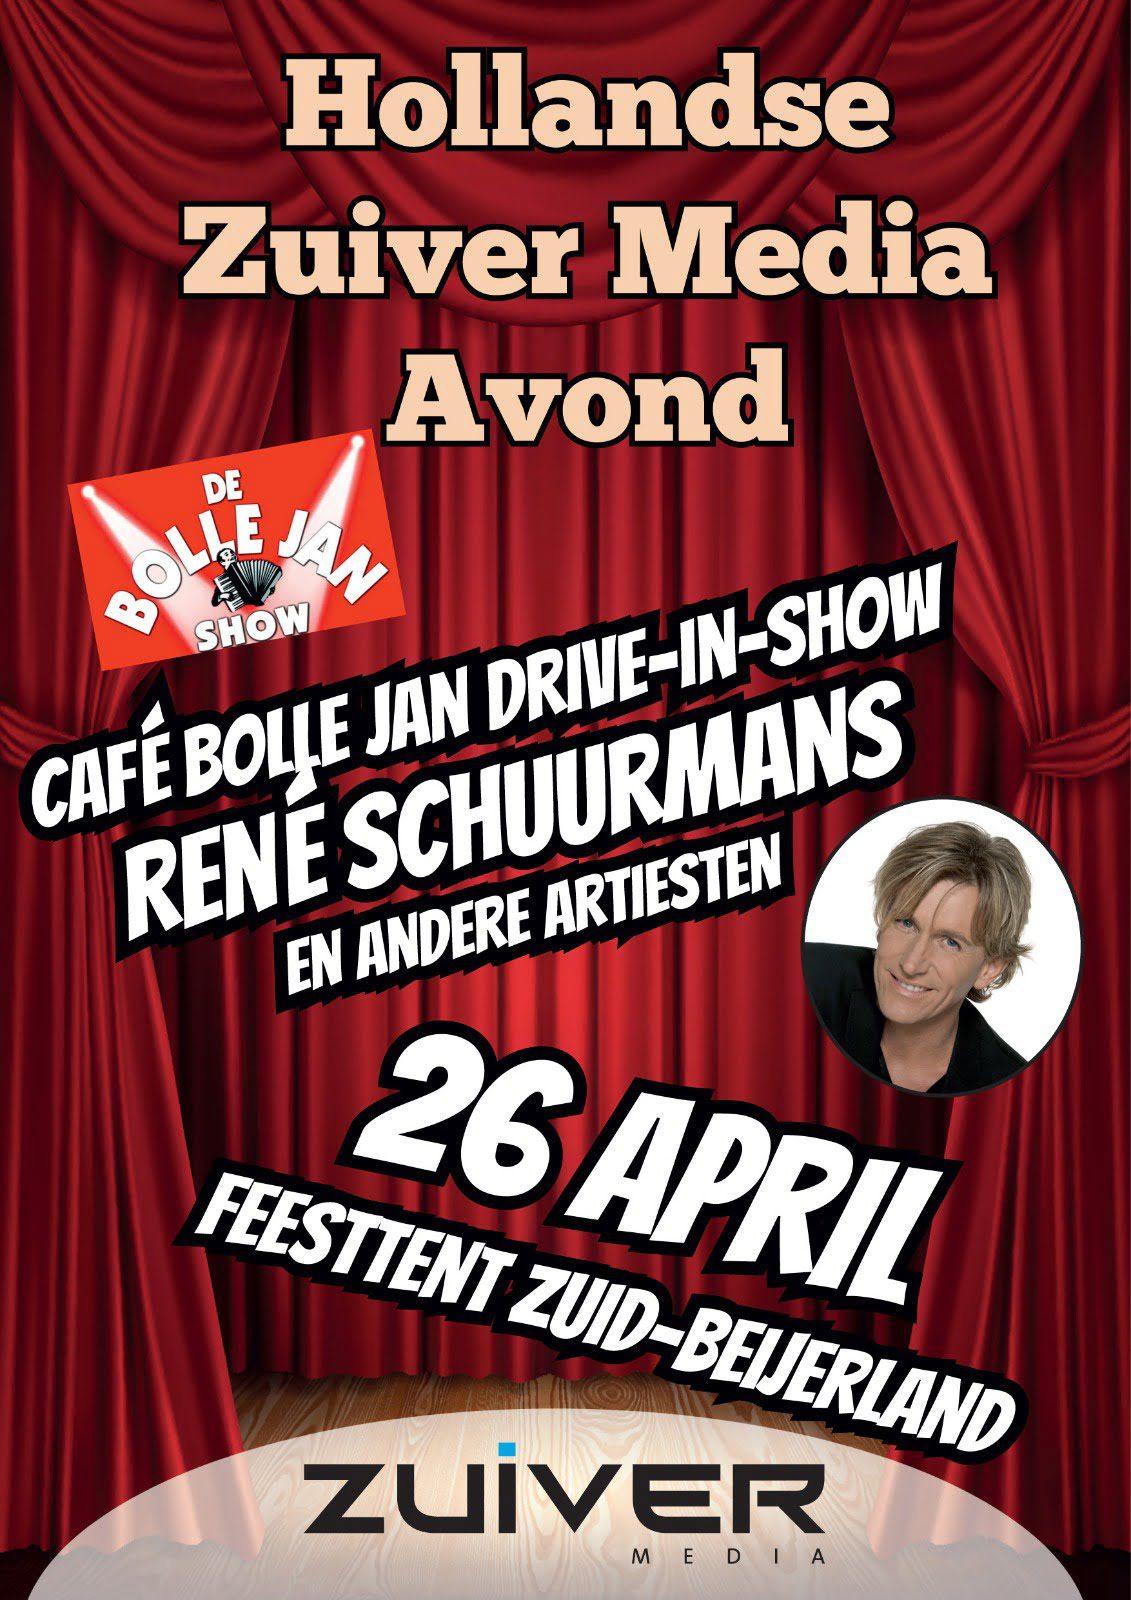 Hollandse Avond Oranjevereniging Zuid-Beijerland met Rene Schuurmans en Drive-in show Cafe Bolle Jan - Hoeksche Waard - Hoeksch Nieuws - Het laatste nieuws uit de Hoeksche Waard